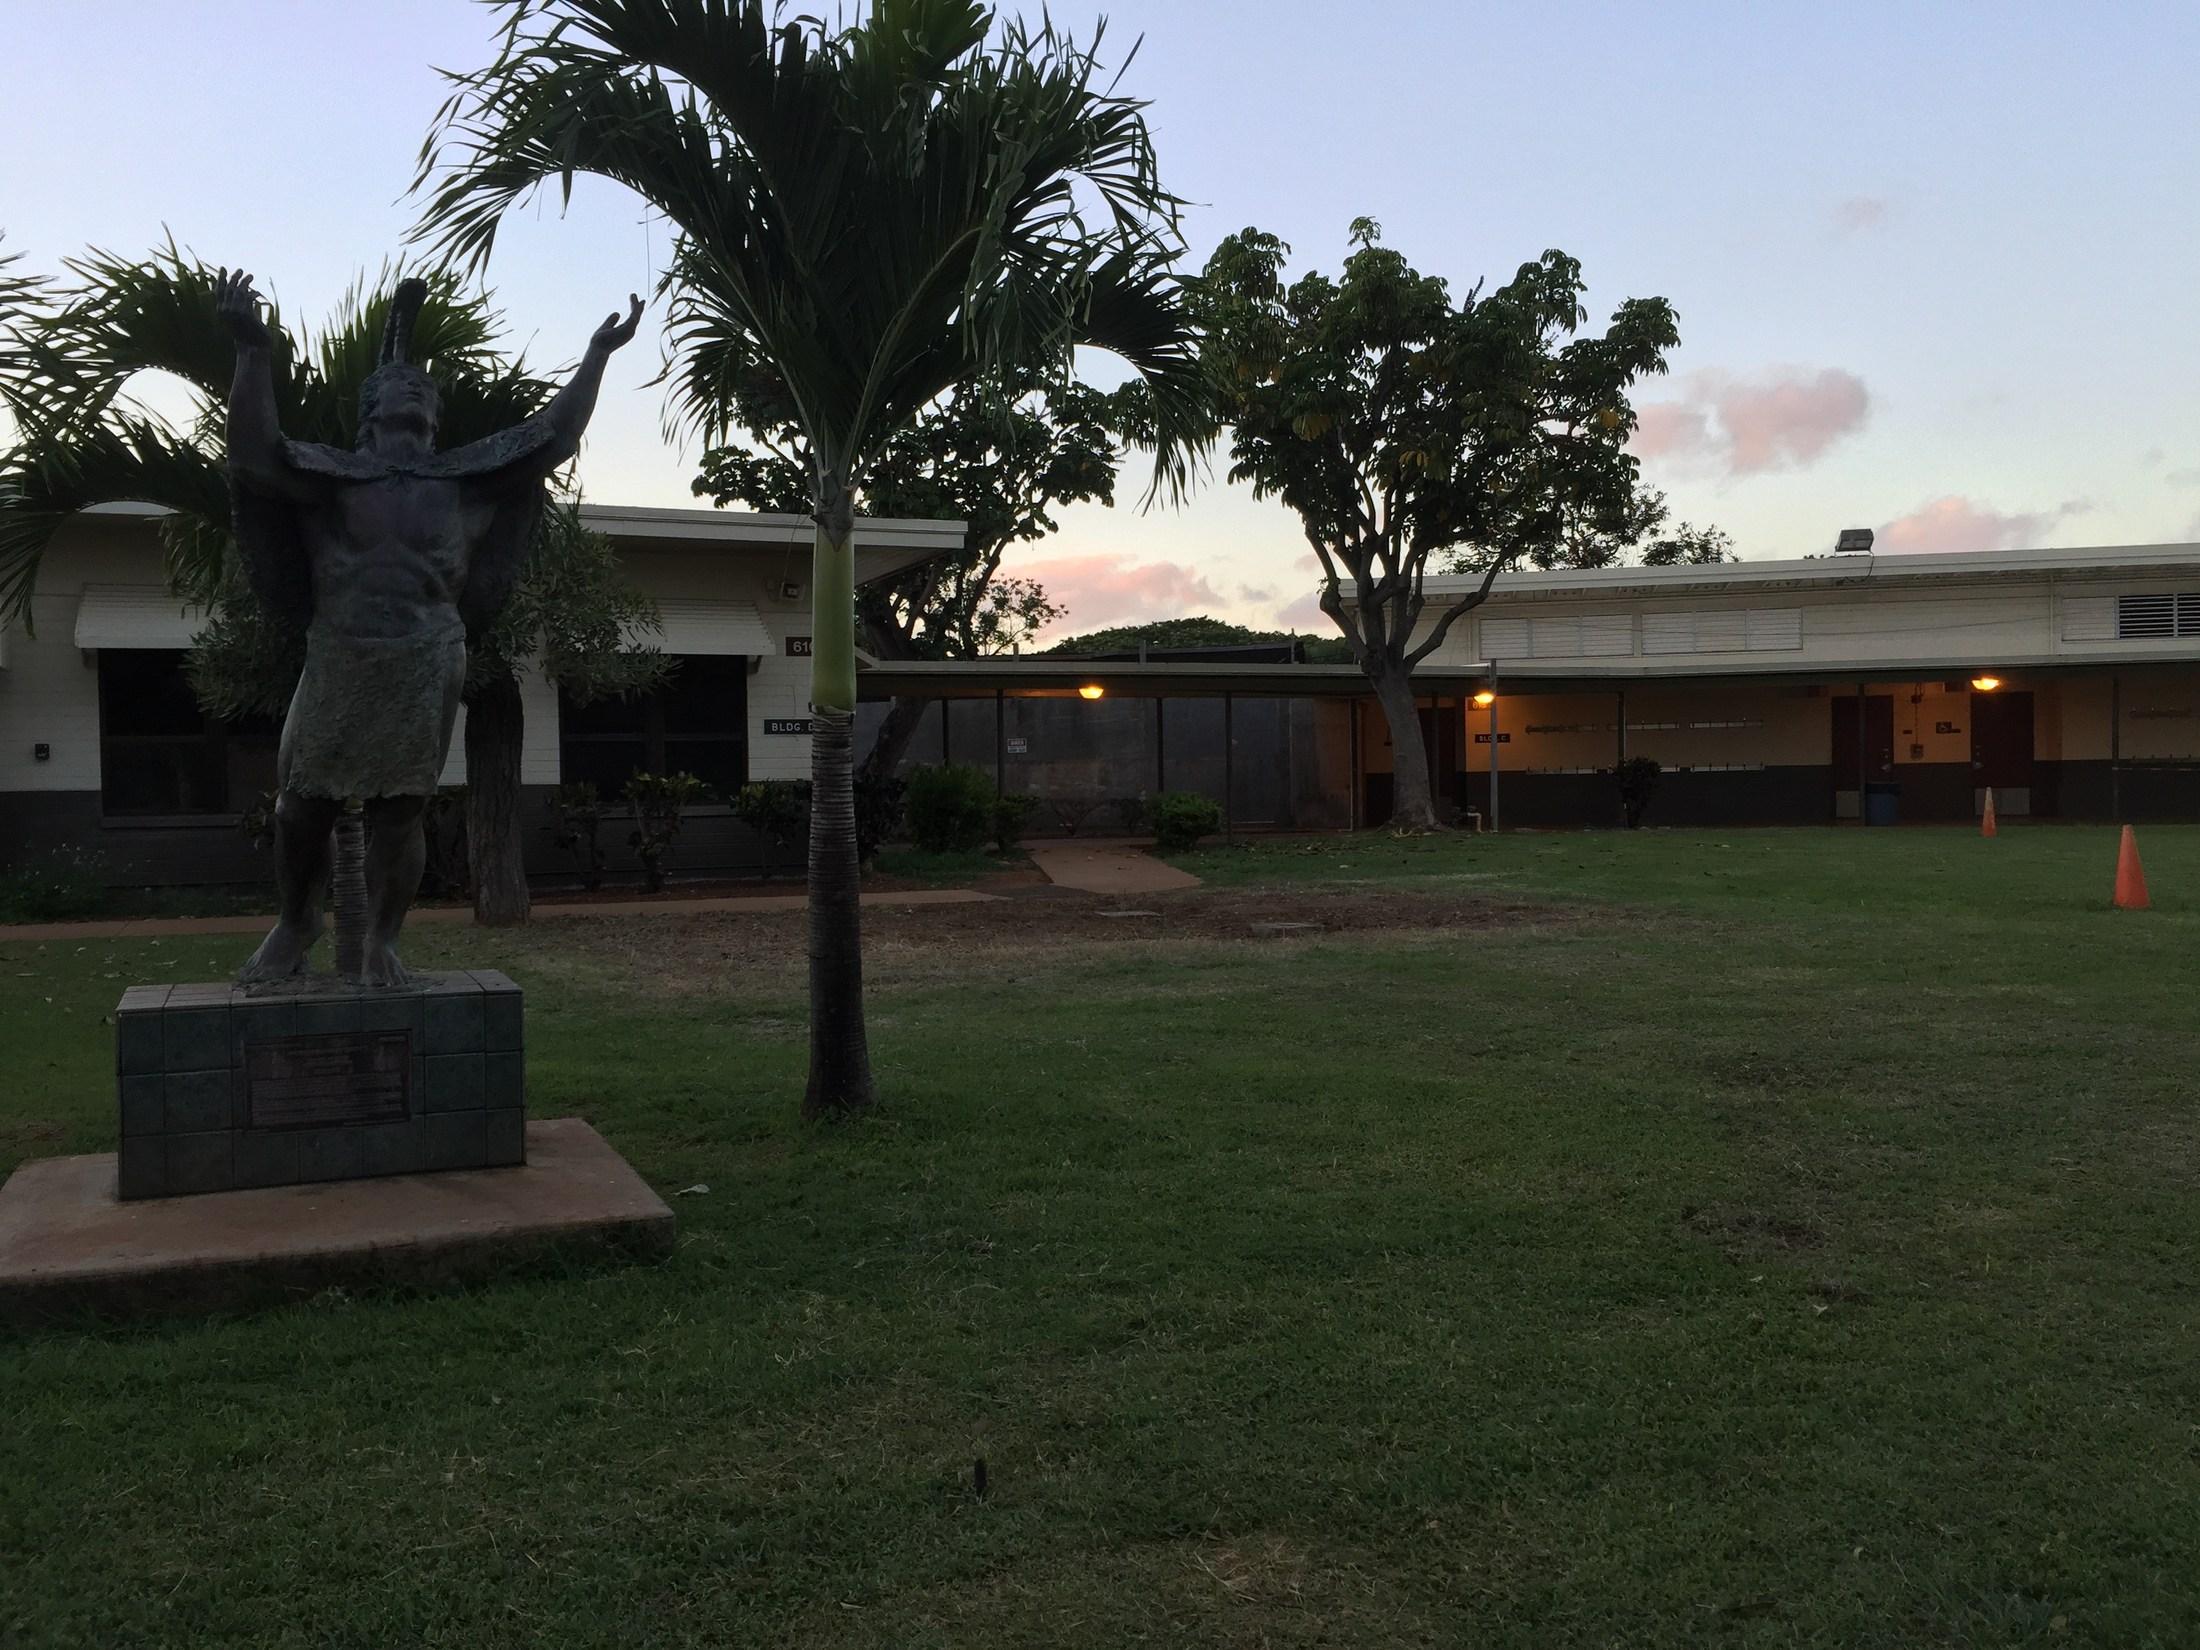 Statue fronting school